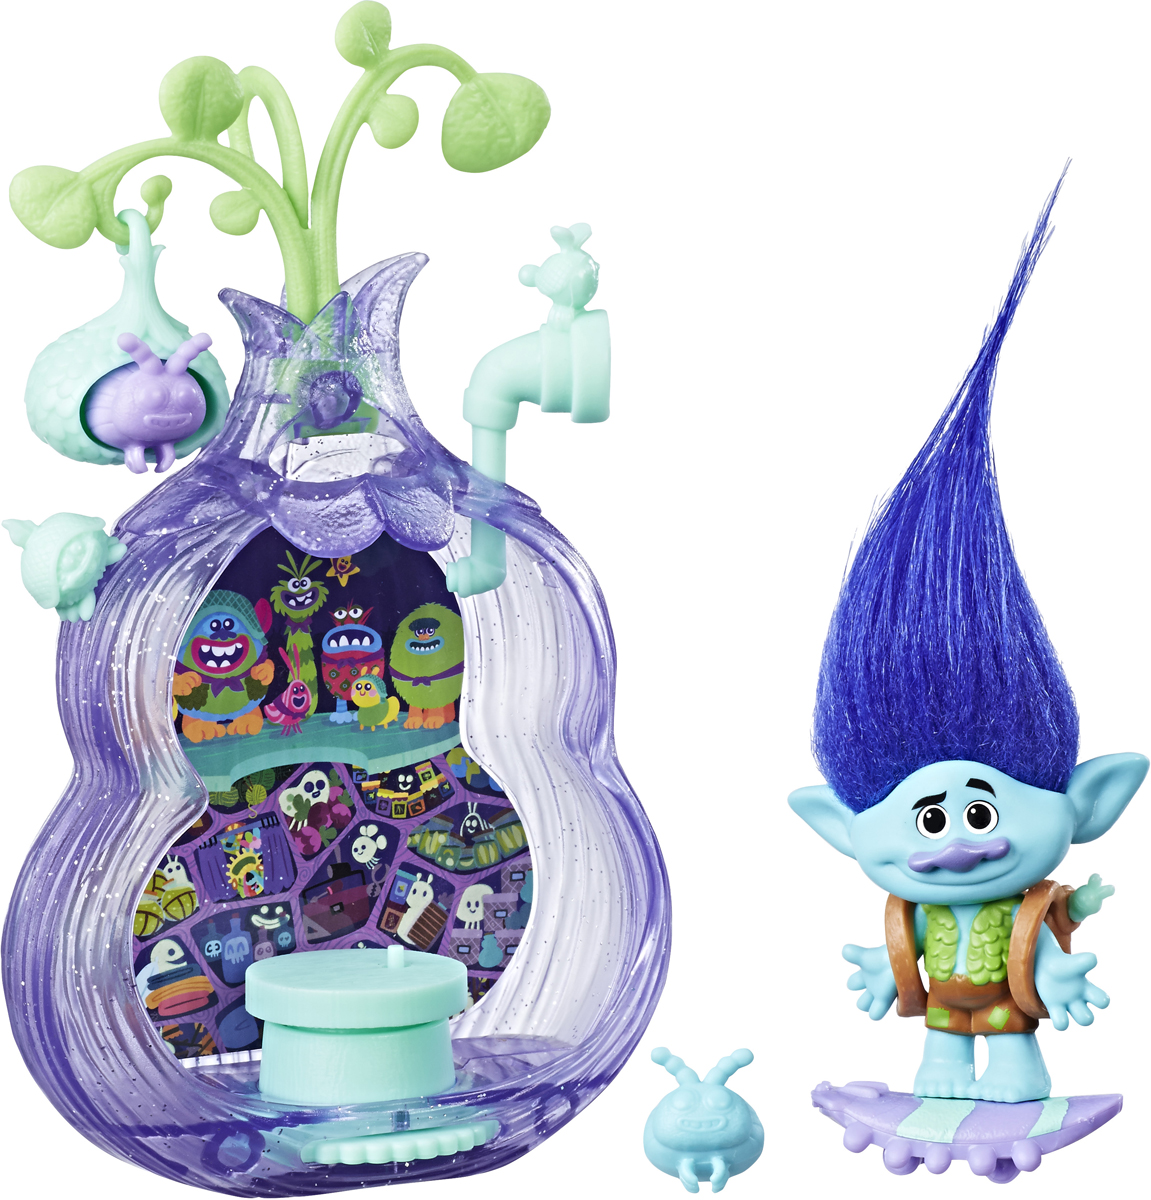 Trolls Игровой набор Тролли Волшебный кокон фигурки героев мультфильмов trolls коллекционная фигурка trolls в закрытой упаковке 10 см в ассортименте